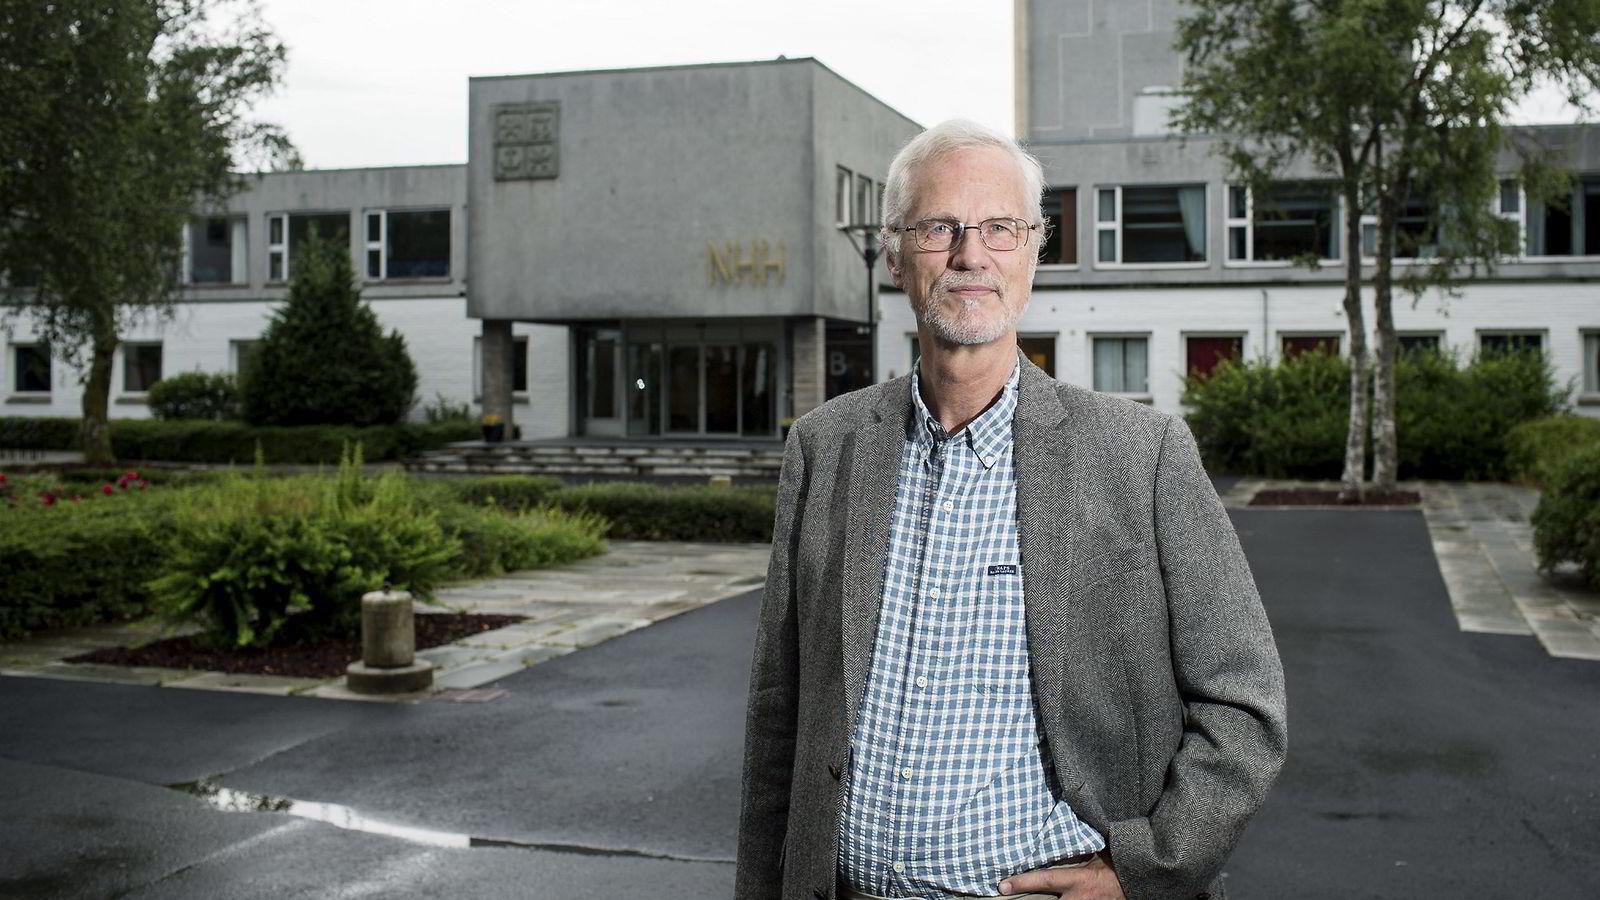 Å delta i skattedebatten er en del av universitetenes samfunnoppdrag, skriver NHH-rektor Frøystein Gjesdal